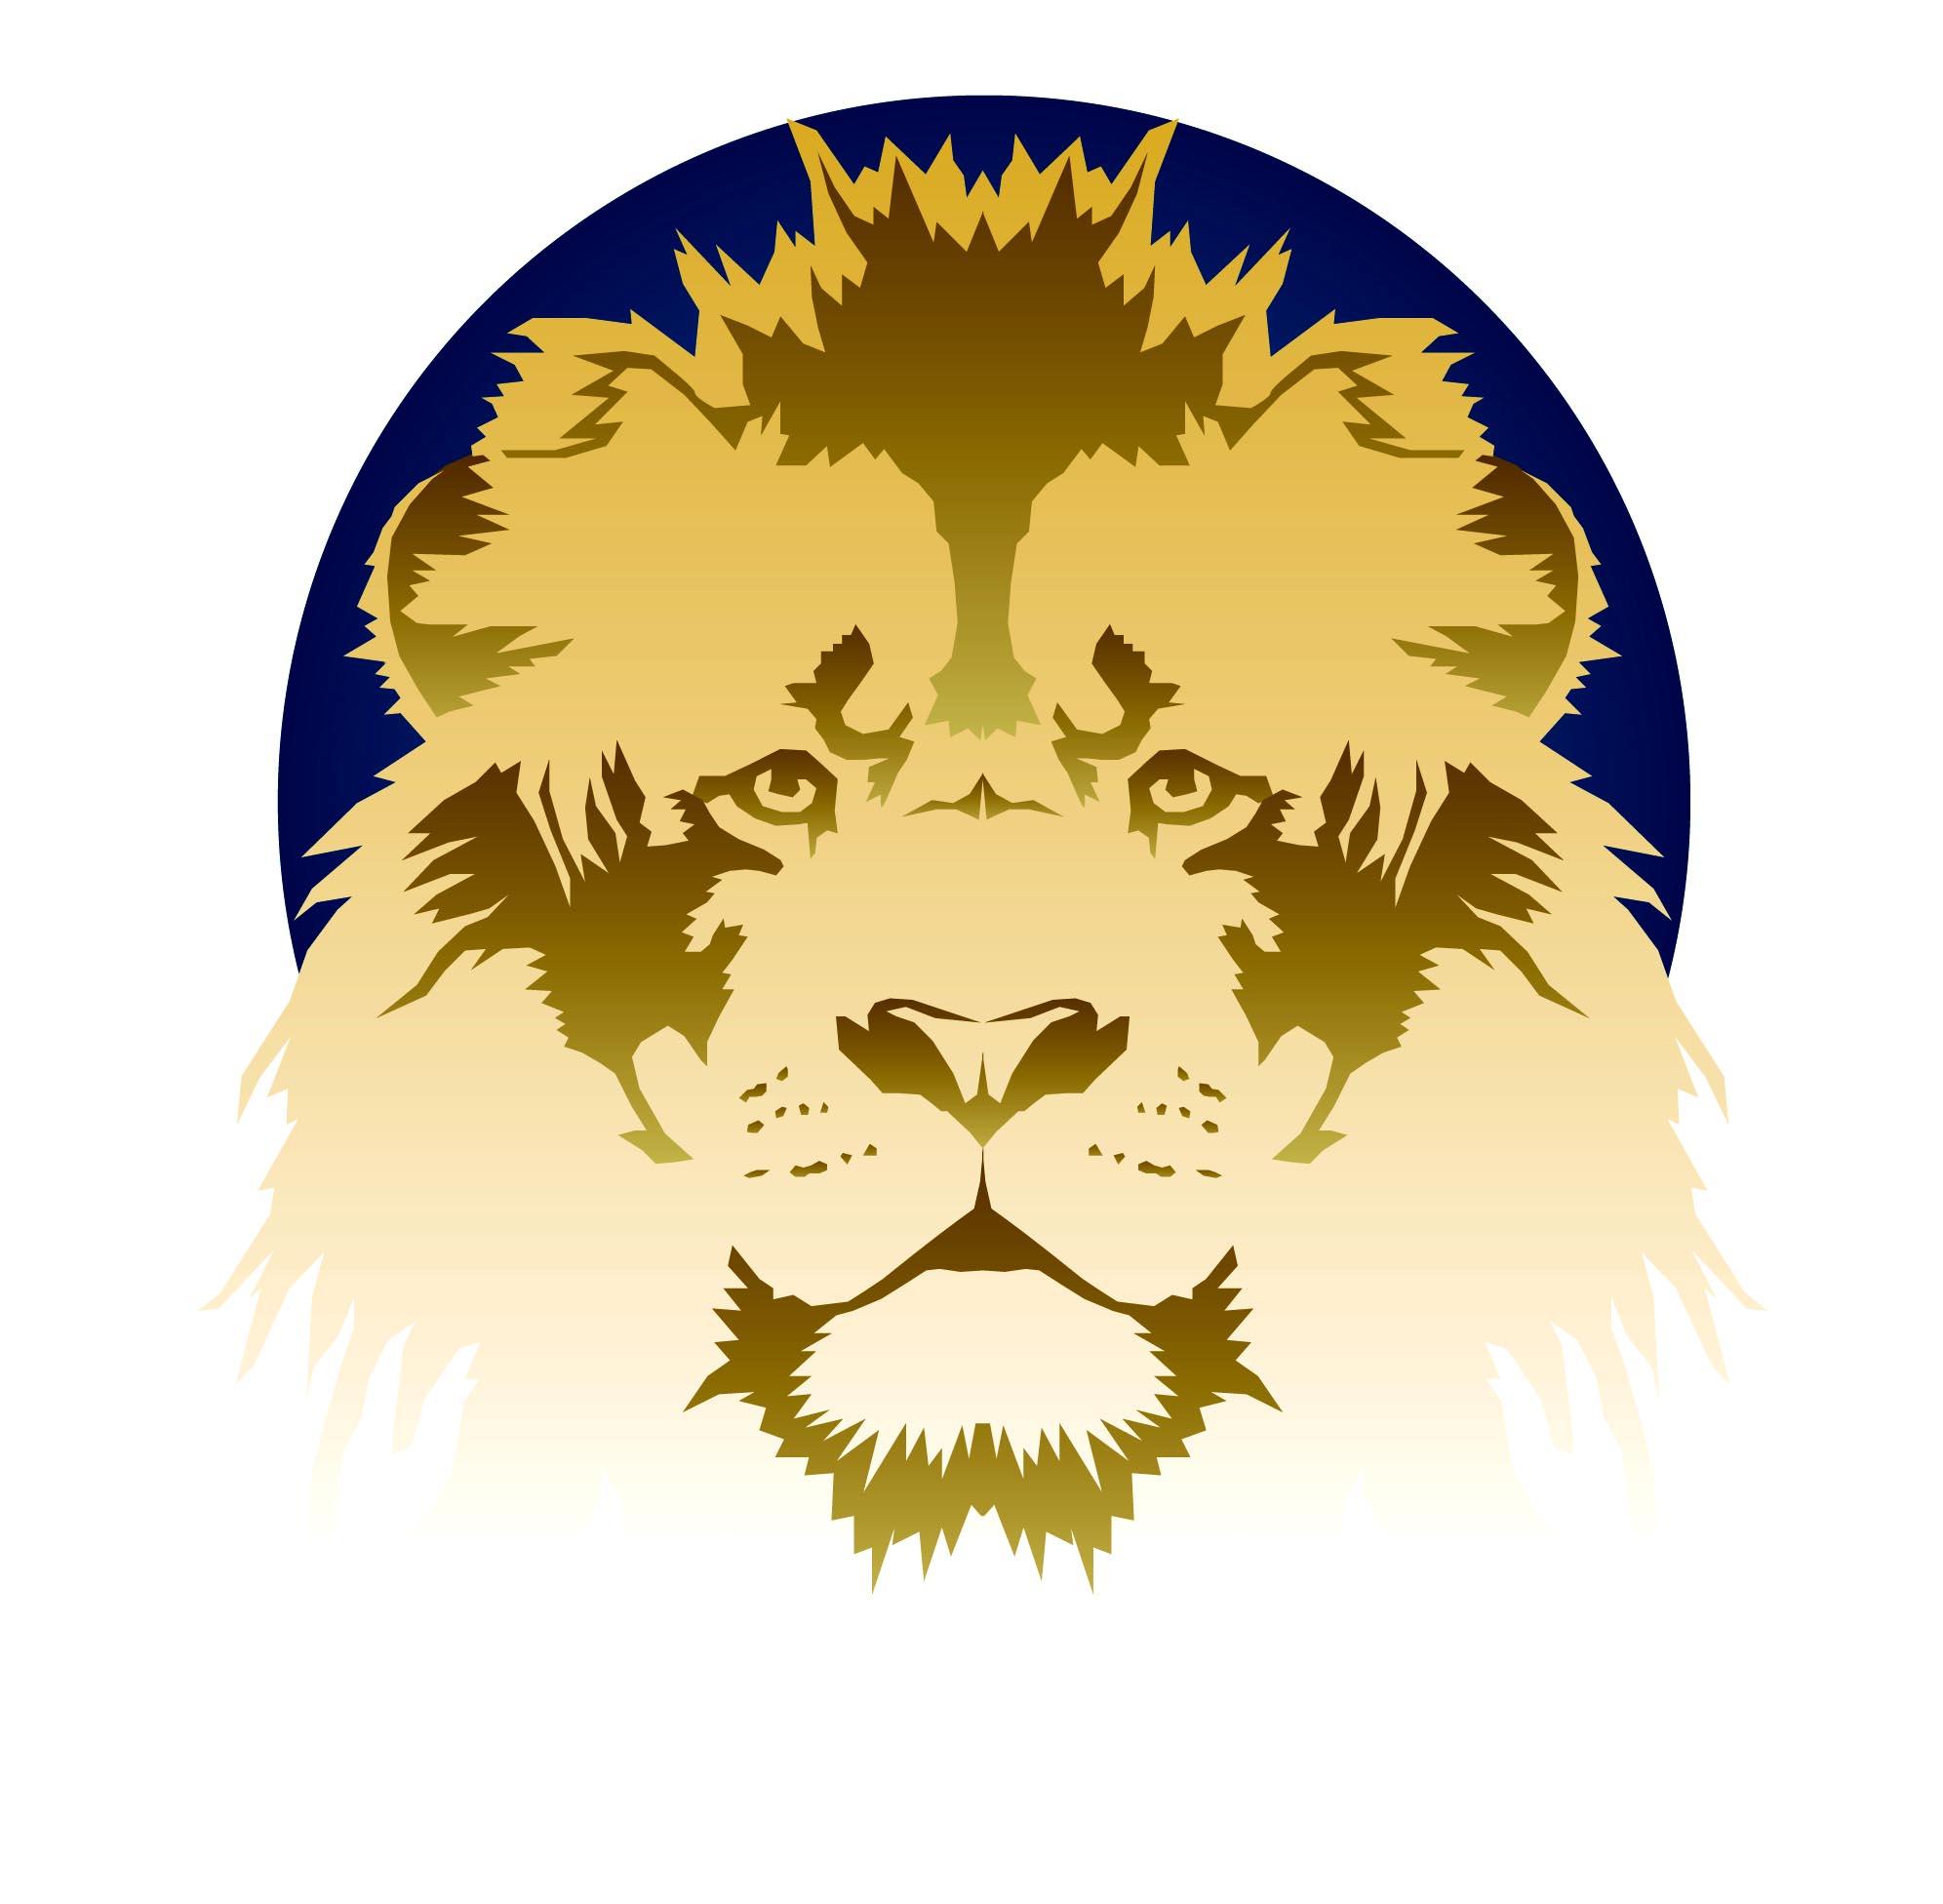 Leo 2021 Yearly Horoscope Forecast